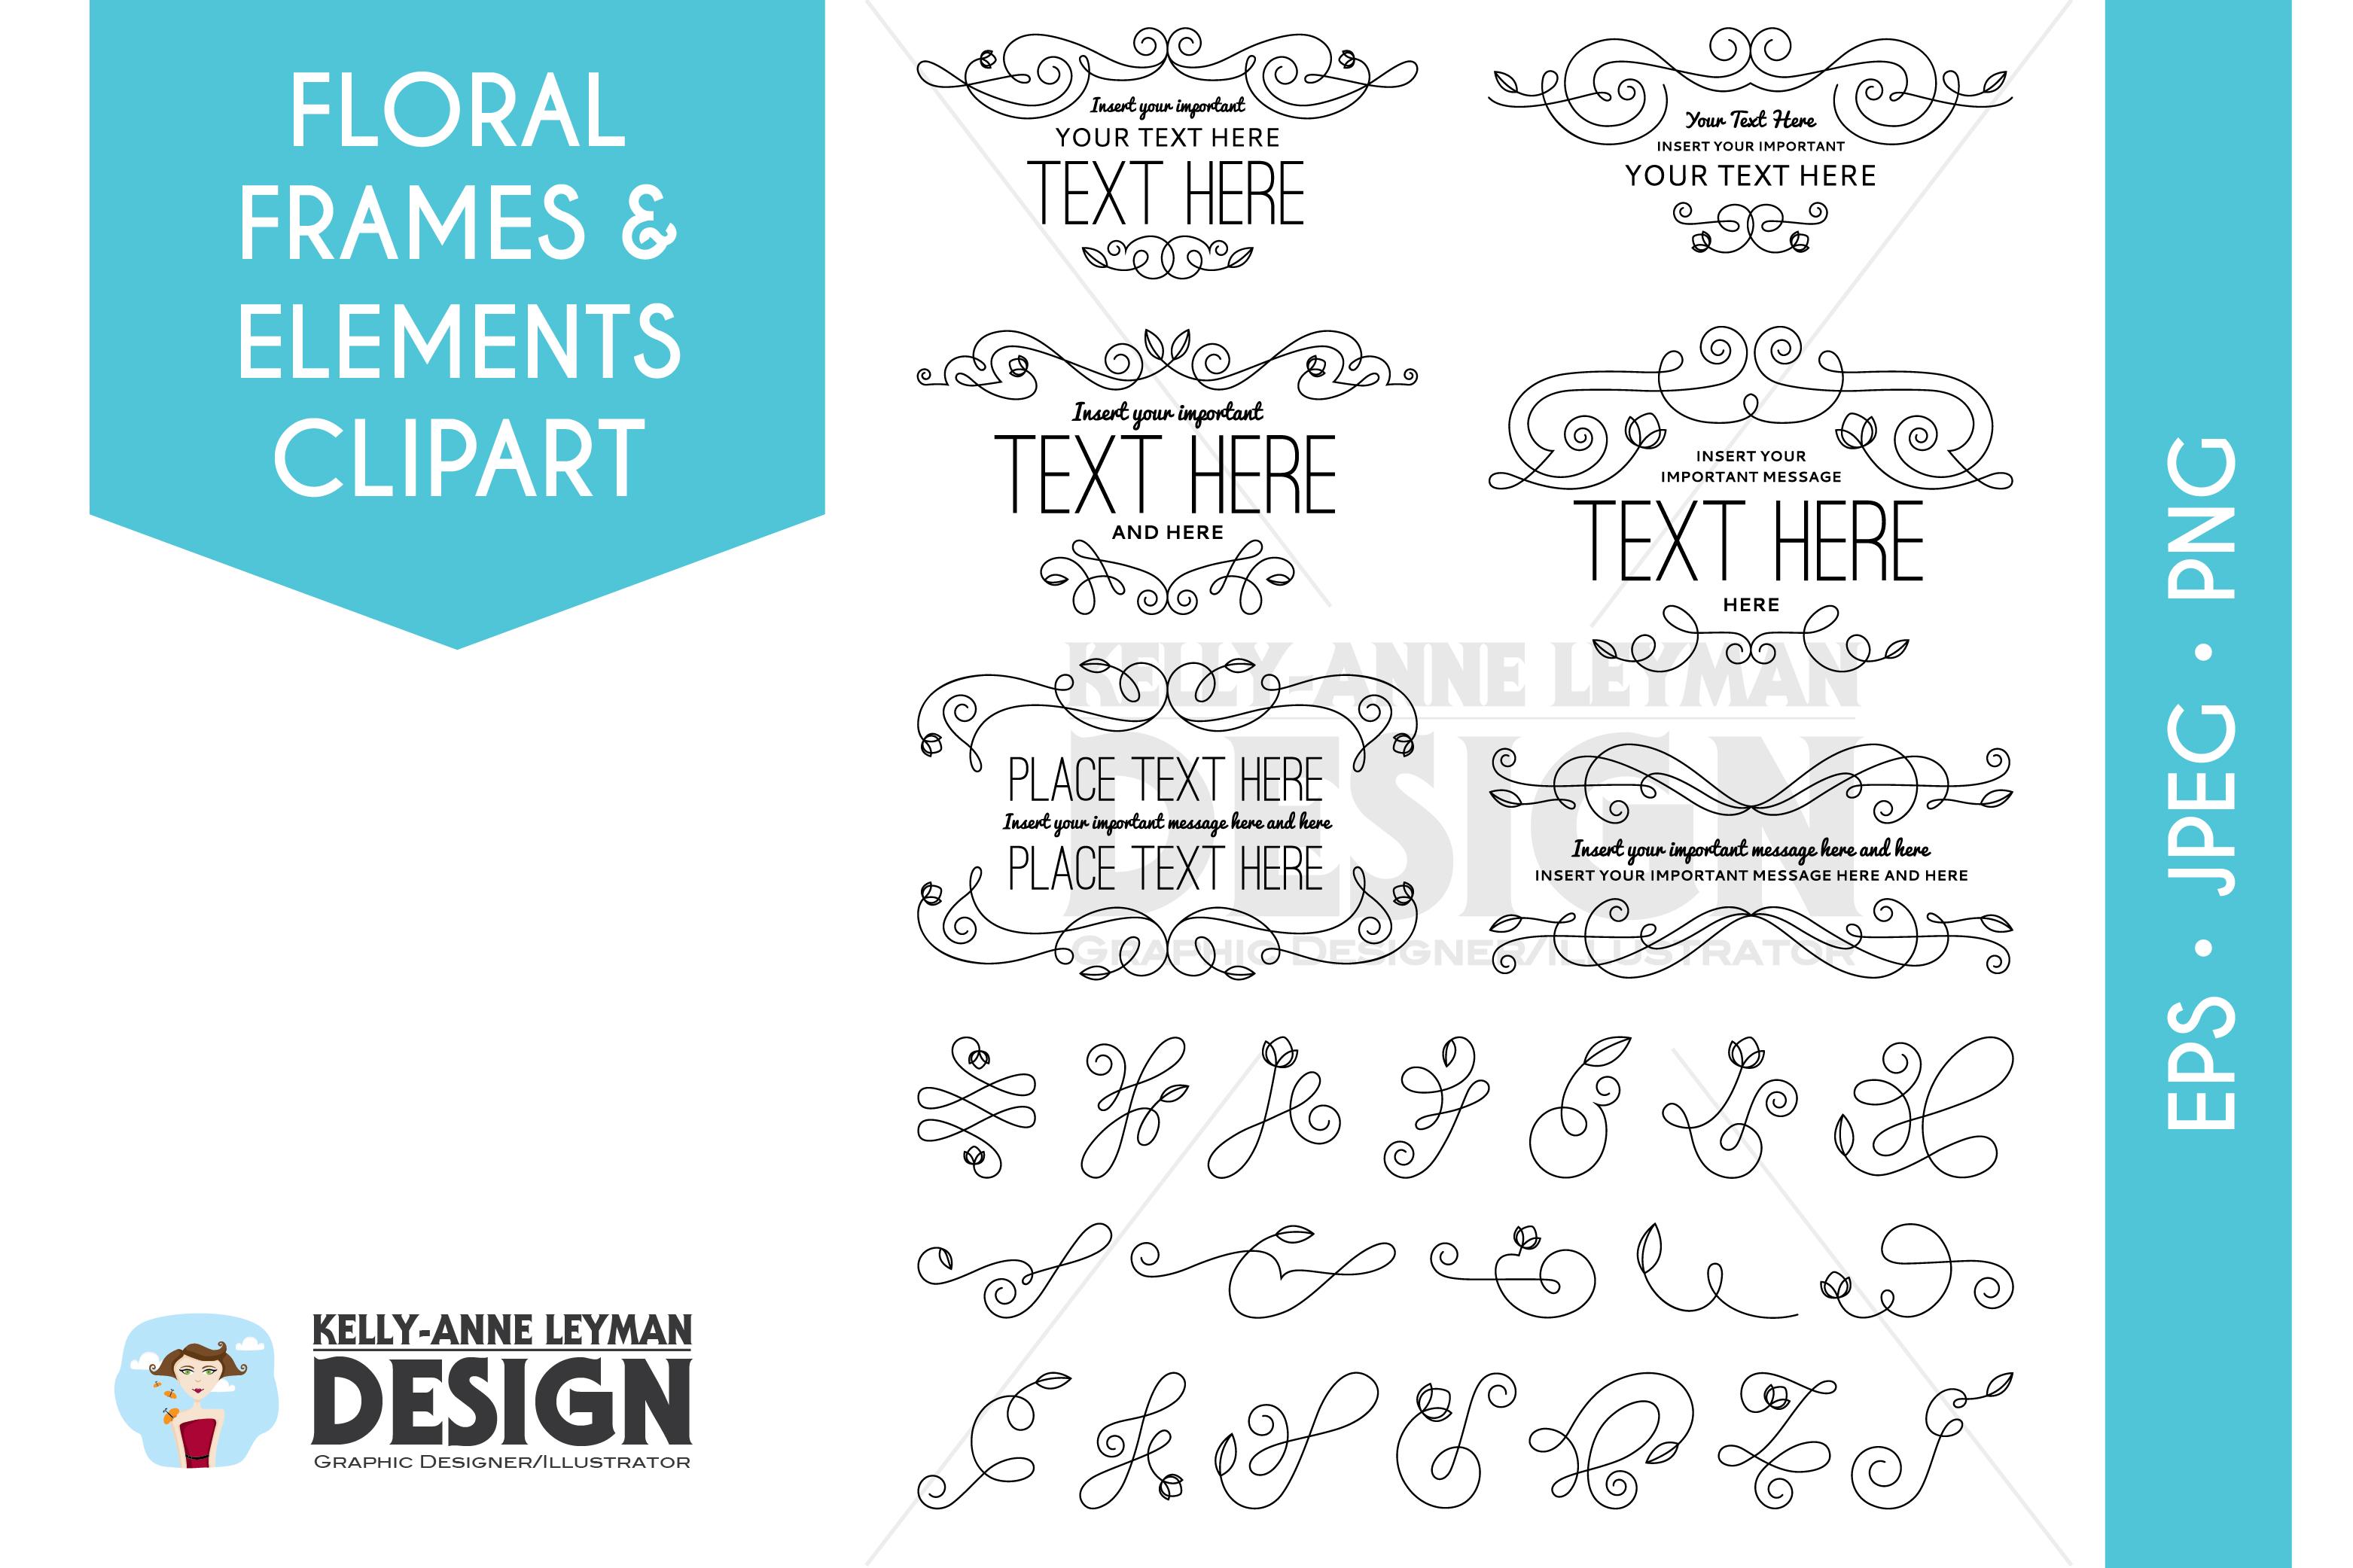 Floral Digital Frames Clipart, Digital Labels clipart set example image 1